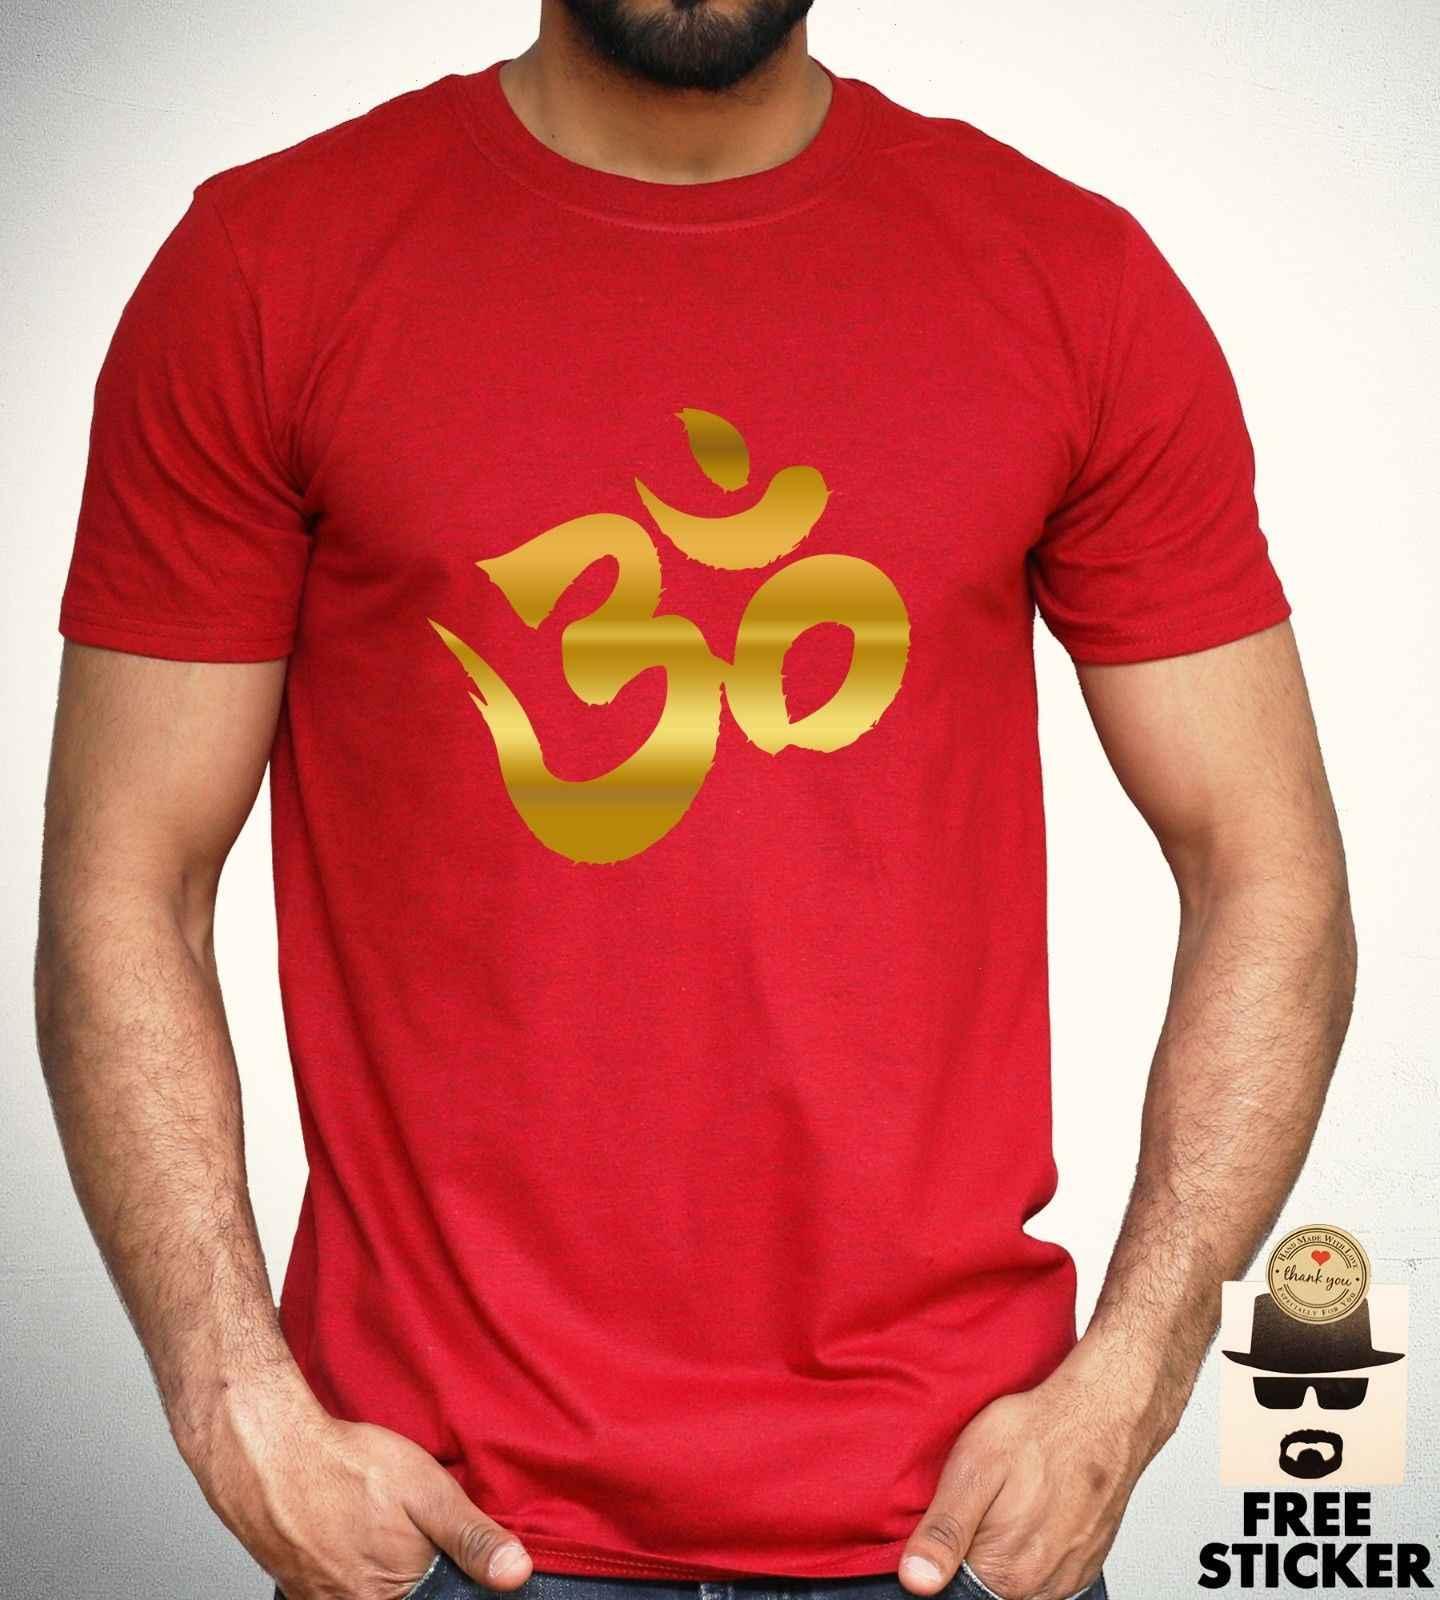 オームゴールドプリント Tシャツ瞑想リラクゼーションヨガ Tシャツヒンドゥー教メンズトップ S-XXL 快適な tシャツ格安卸売 tシャツ